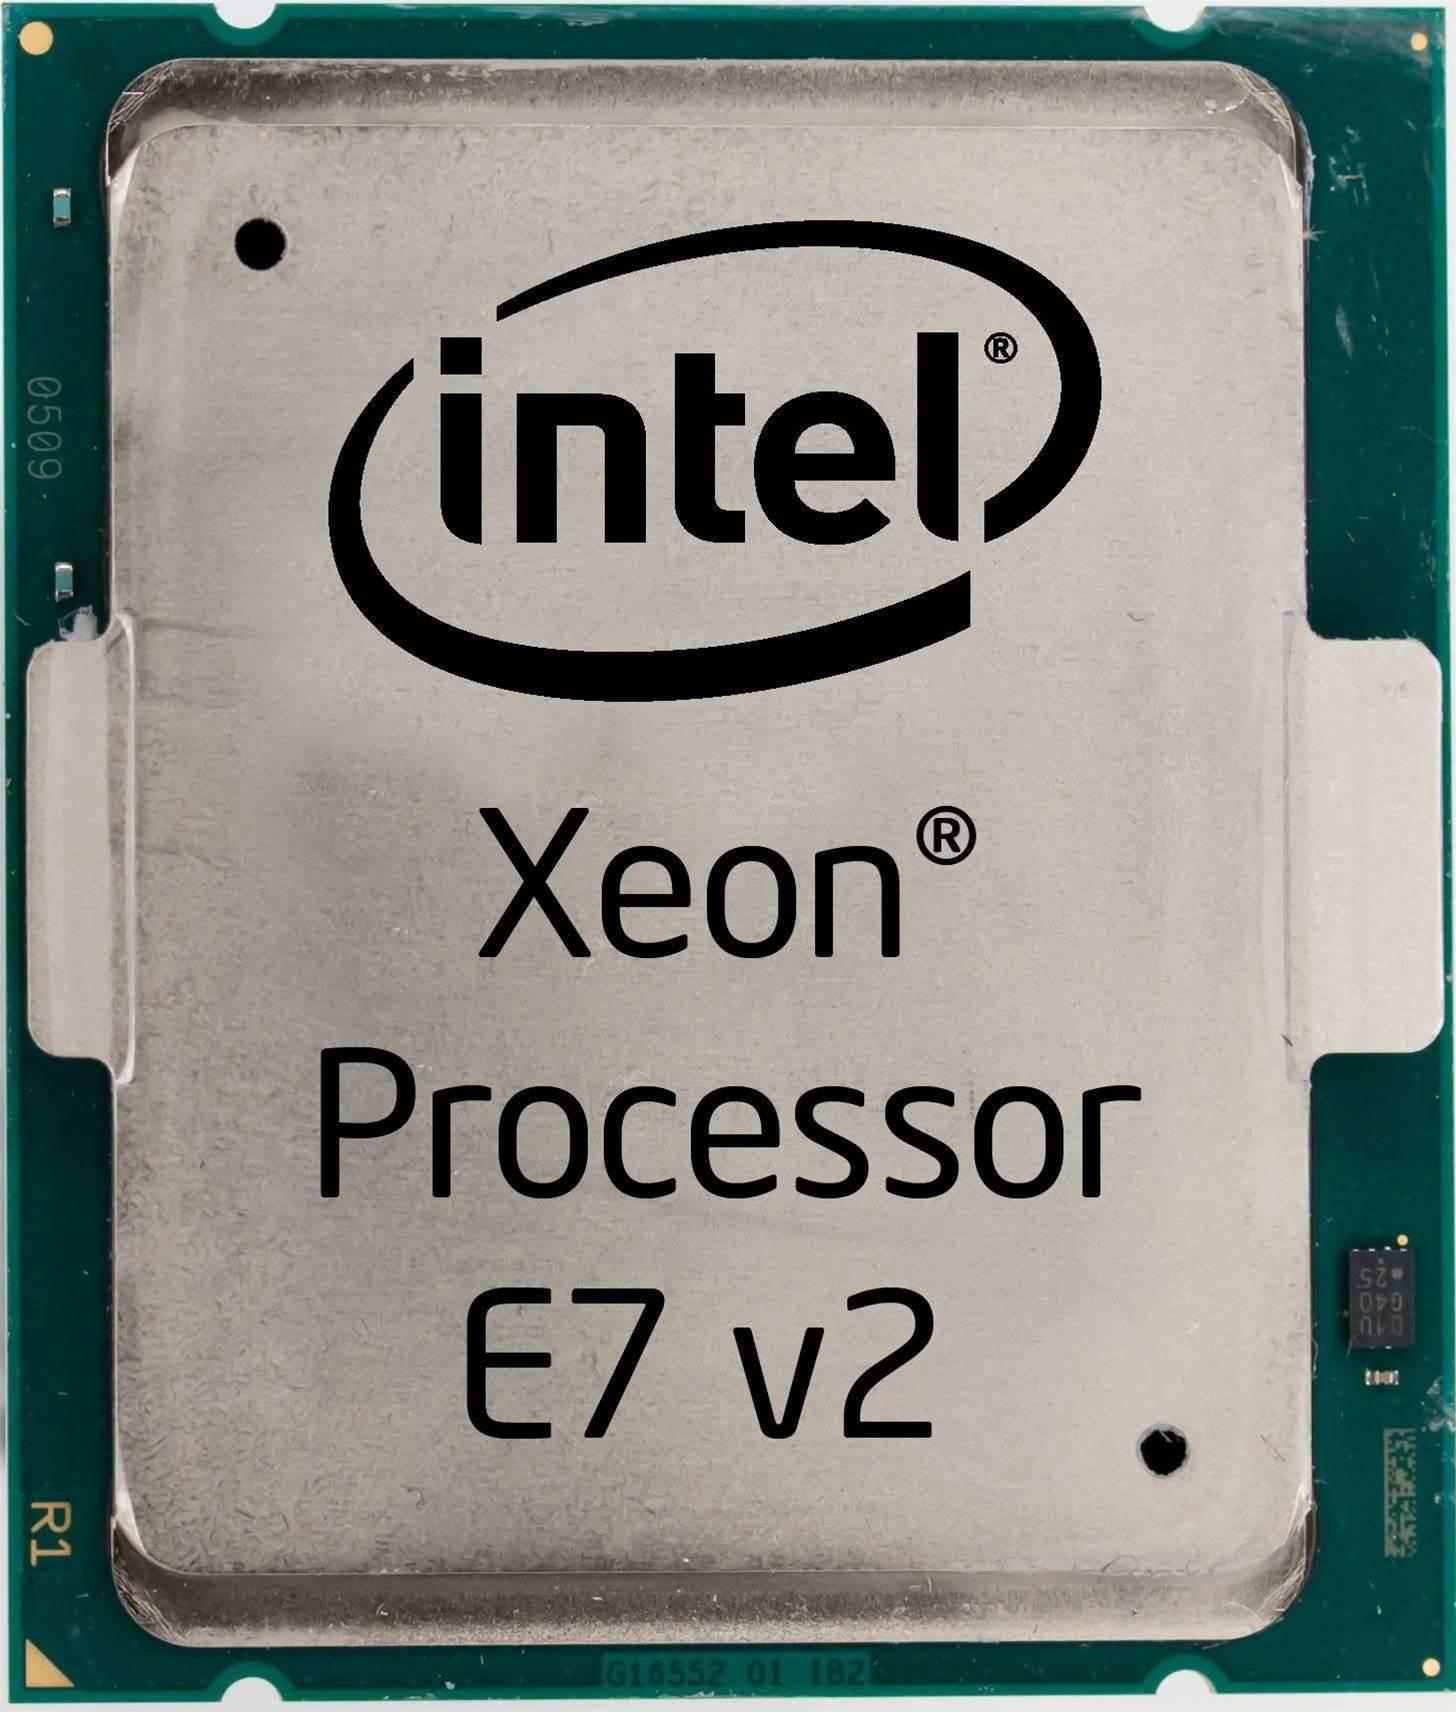 Intel's new Xeon processors take aim at big data